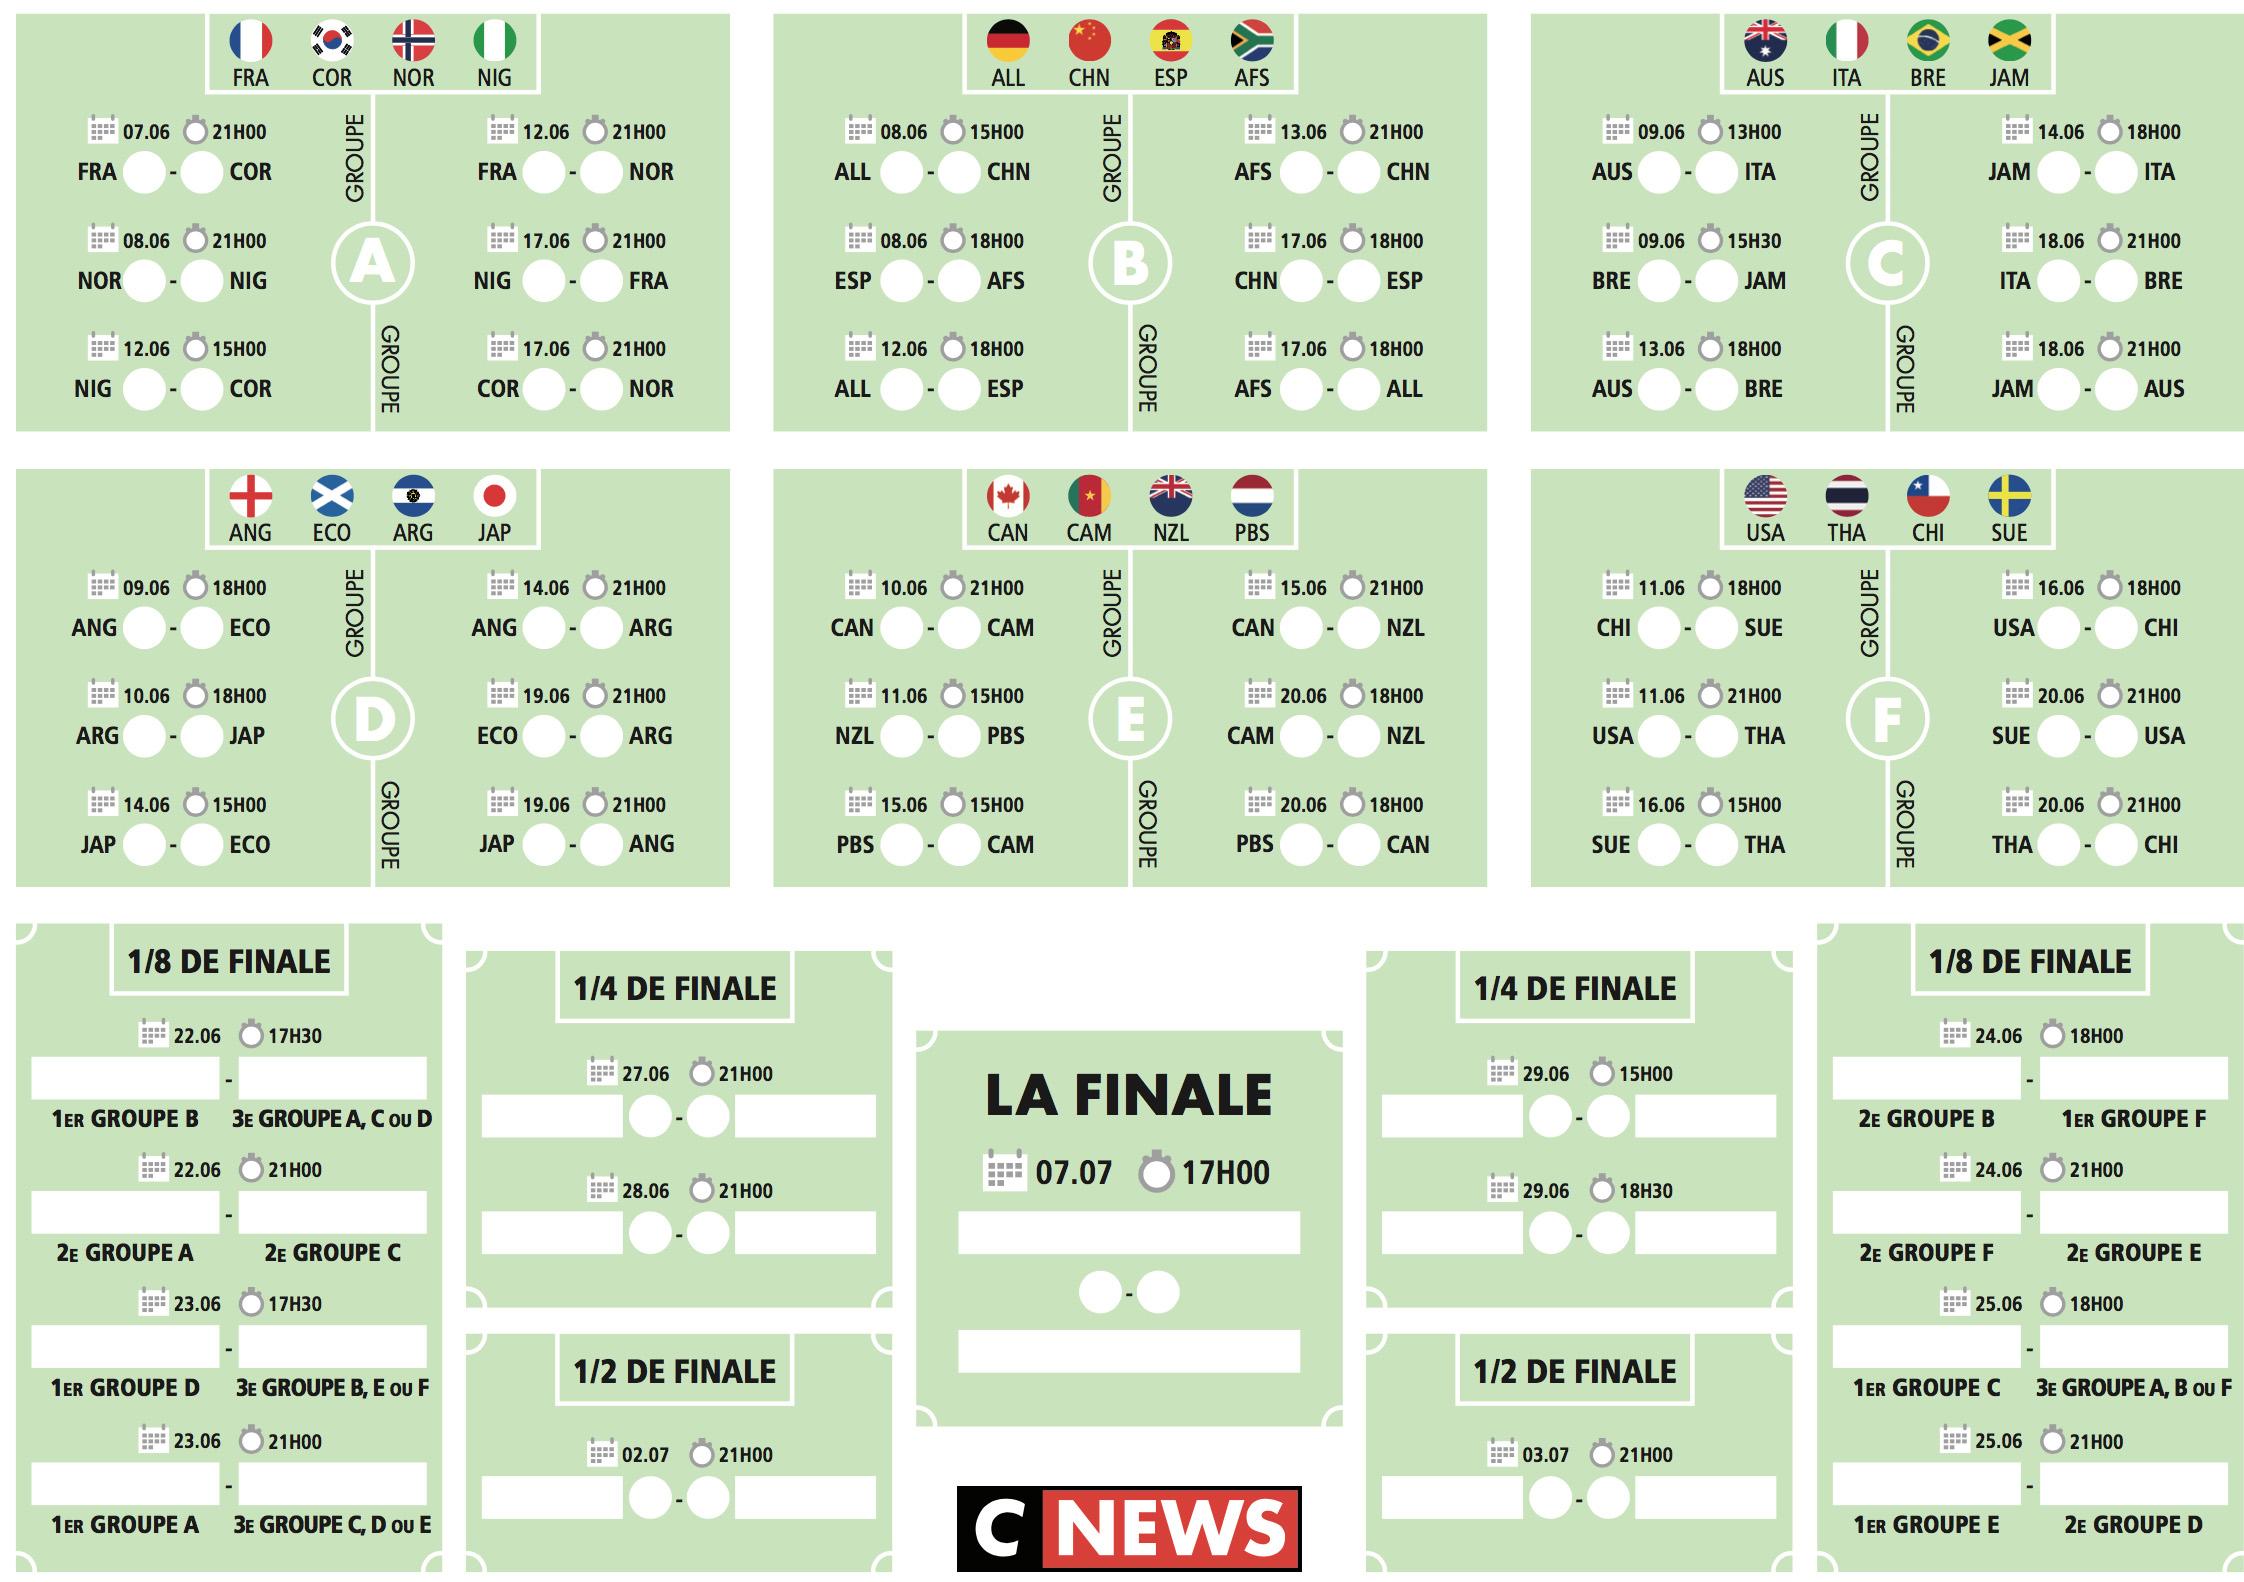 Telechargez Le Calendrier De La Coupe Du Monde Feminine De